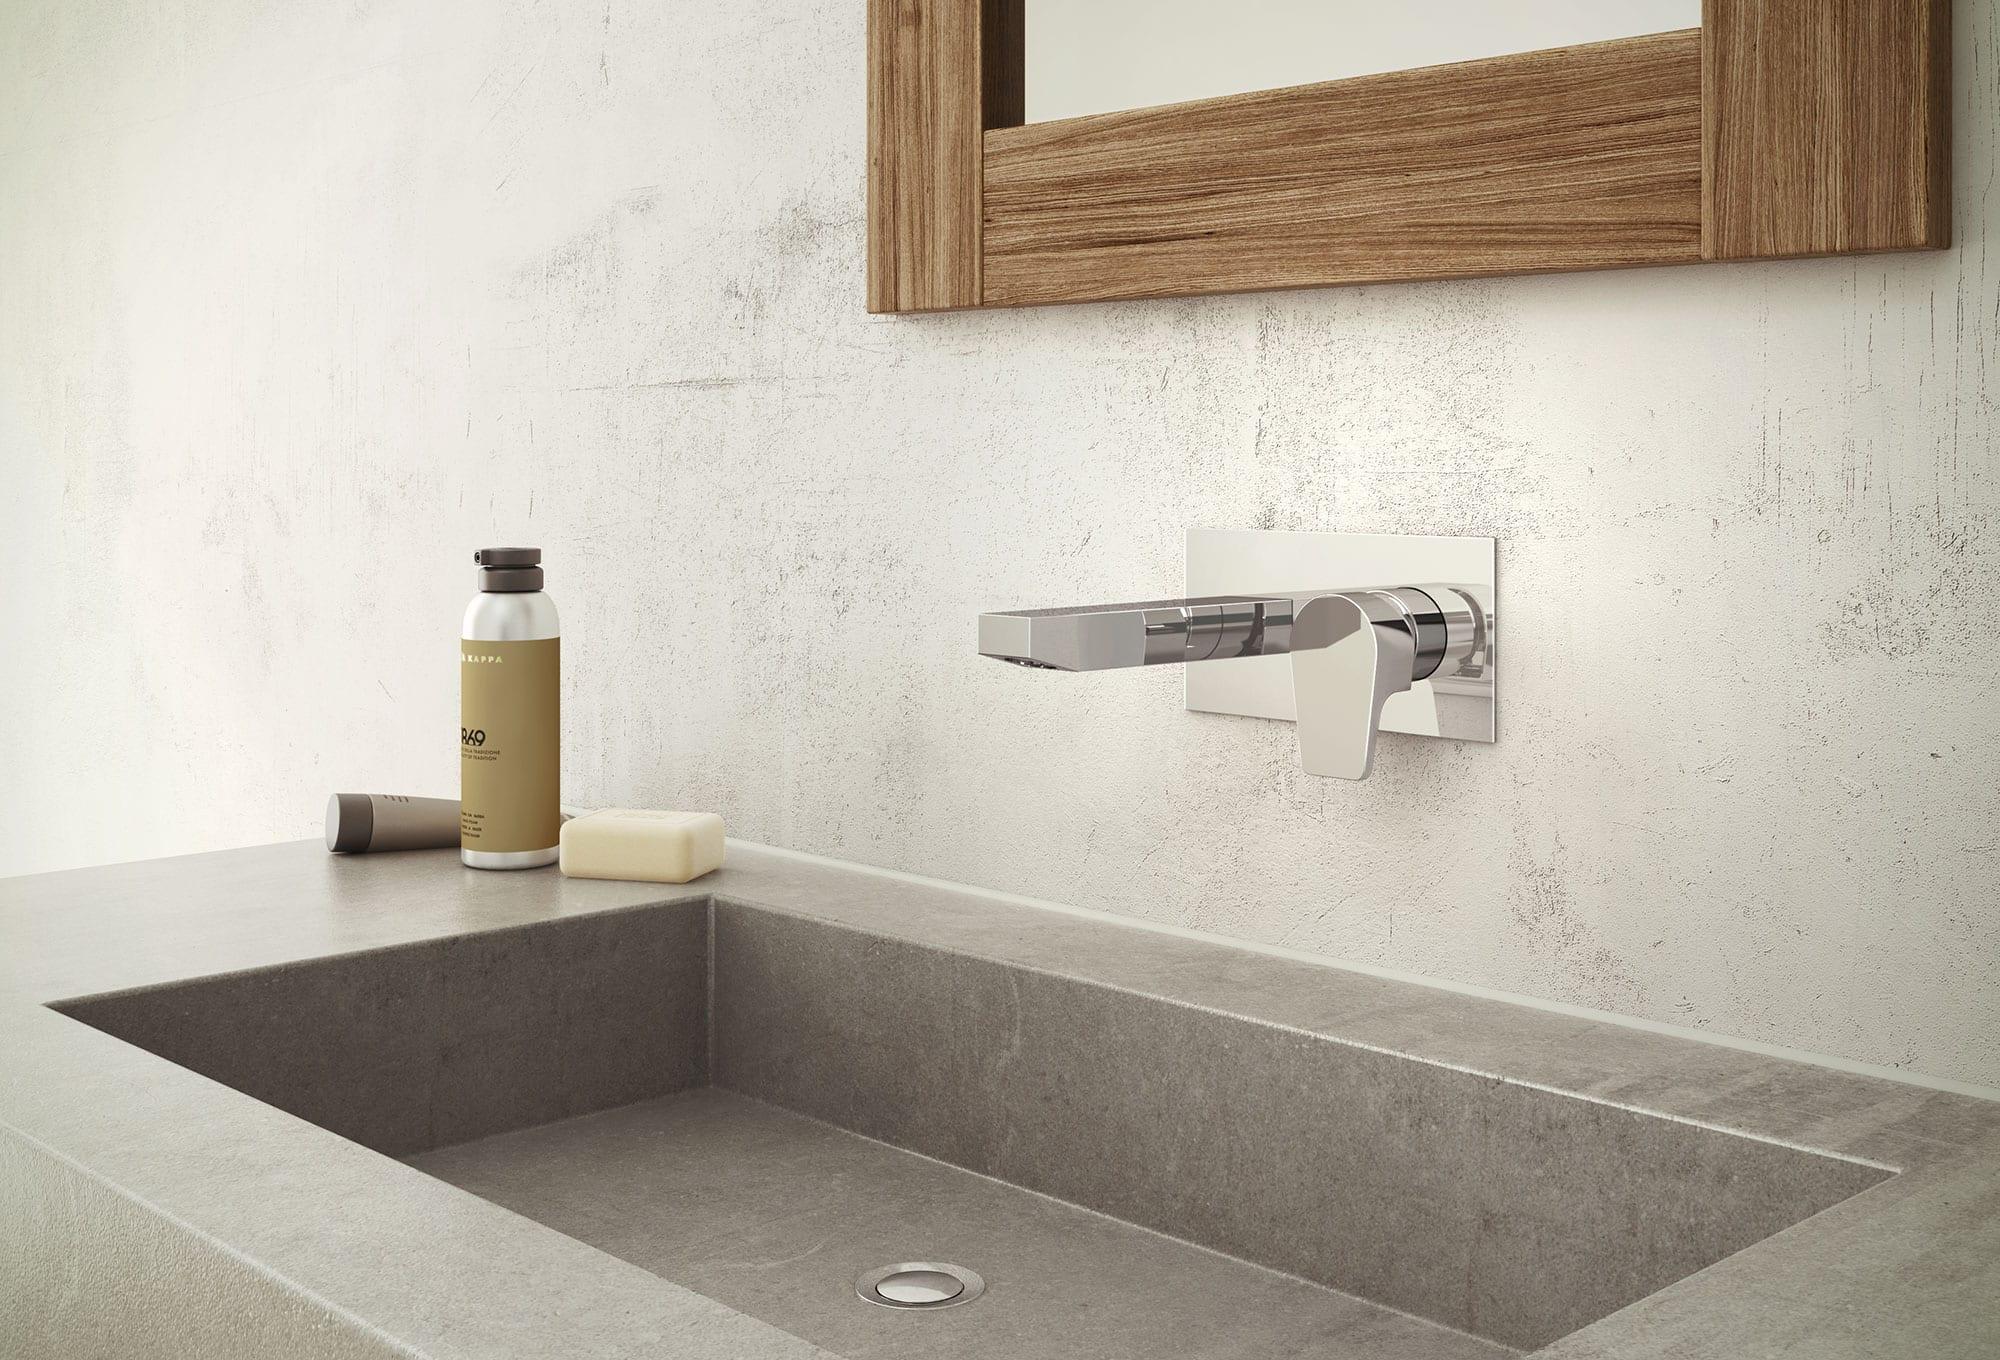 Robinet pour lavabo de salle de bain installation for Installer lavabo salle de bain